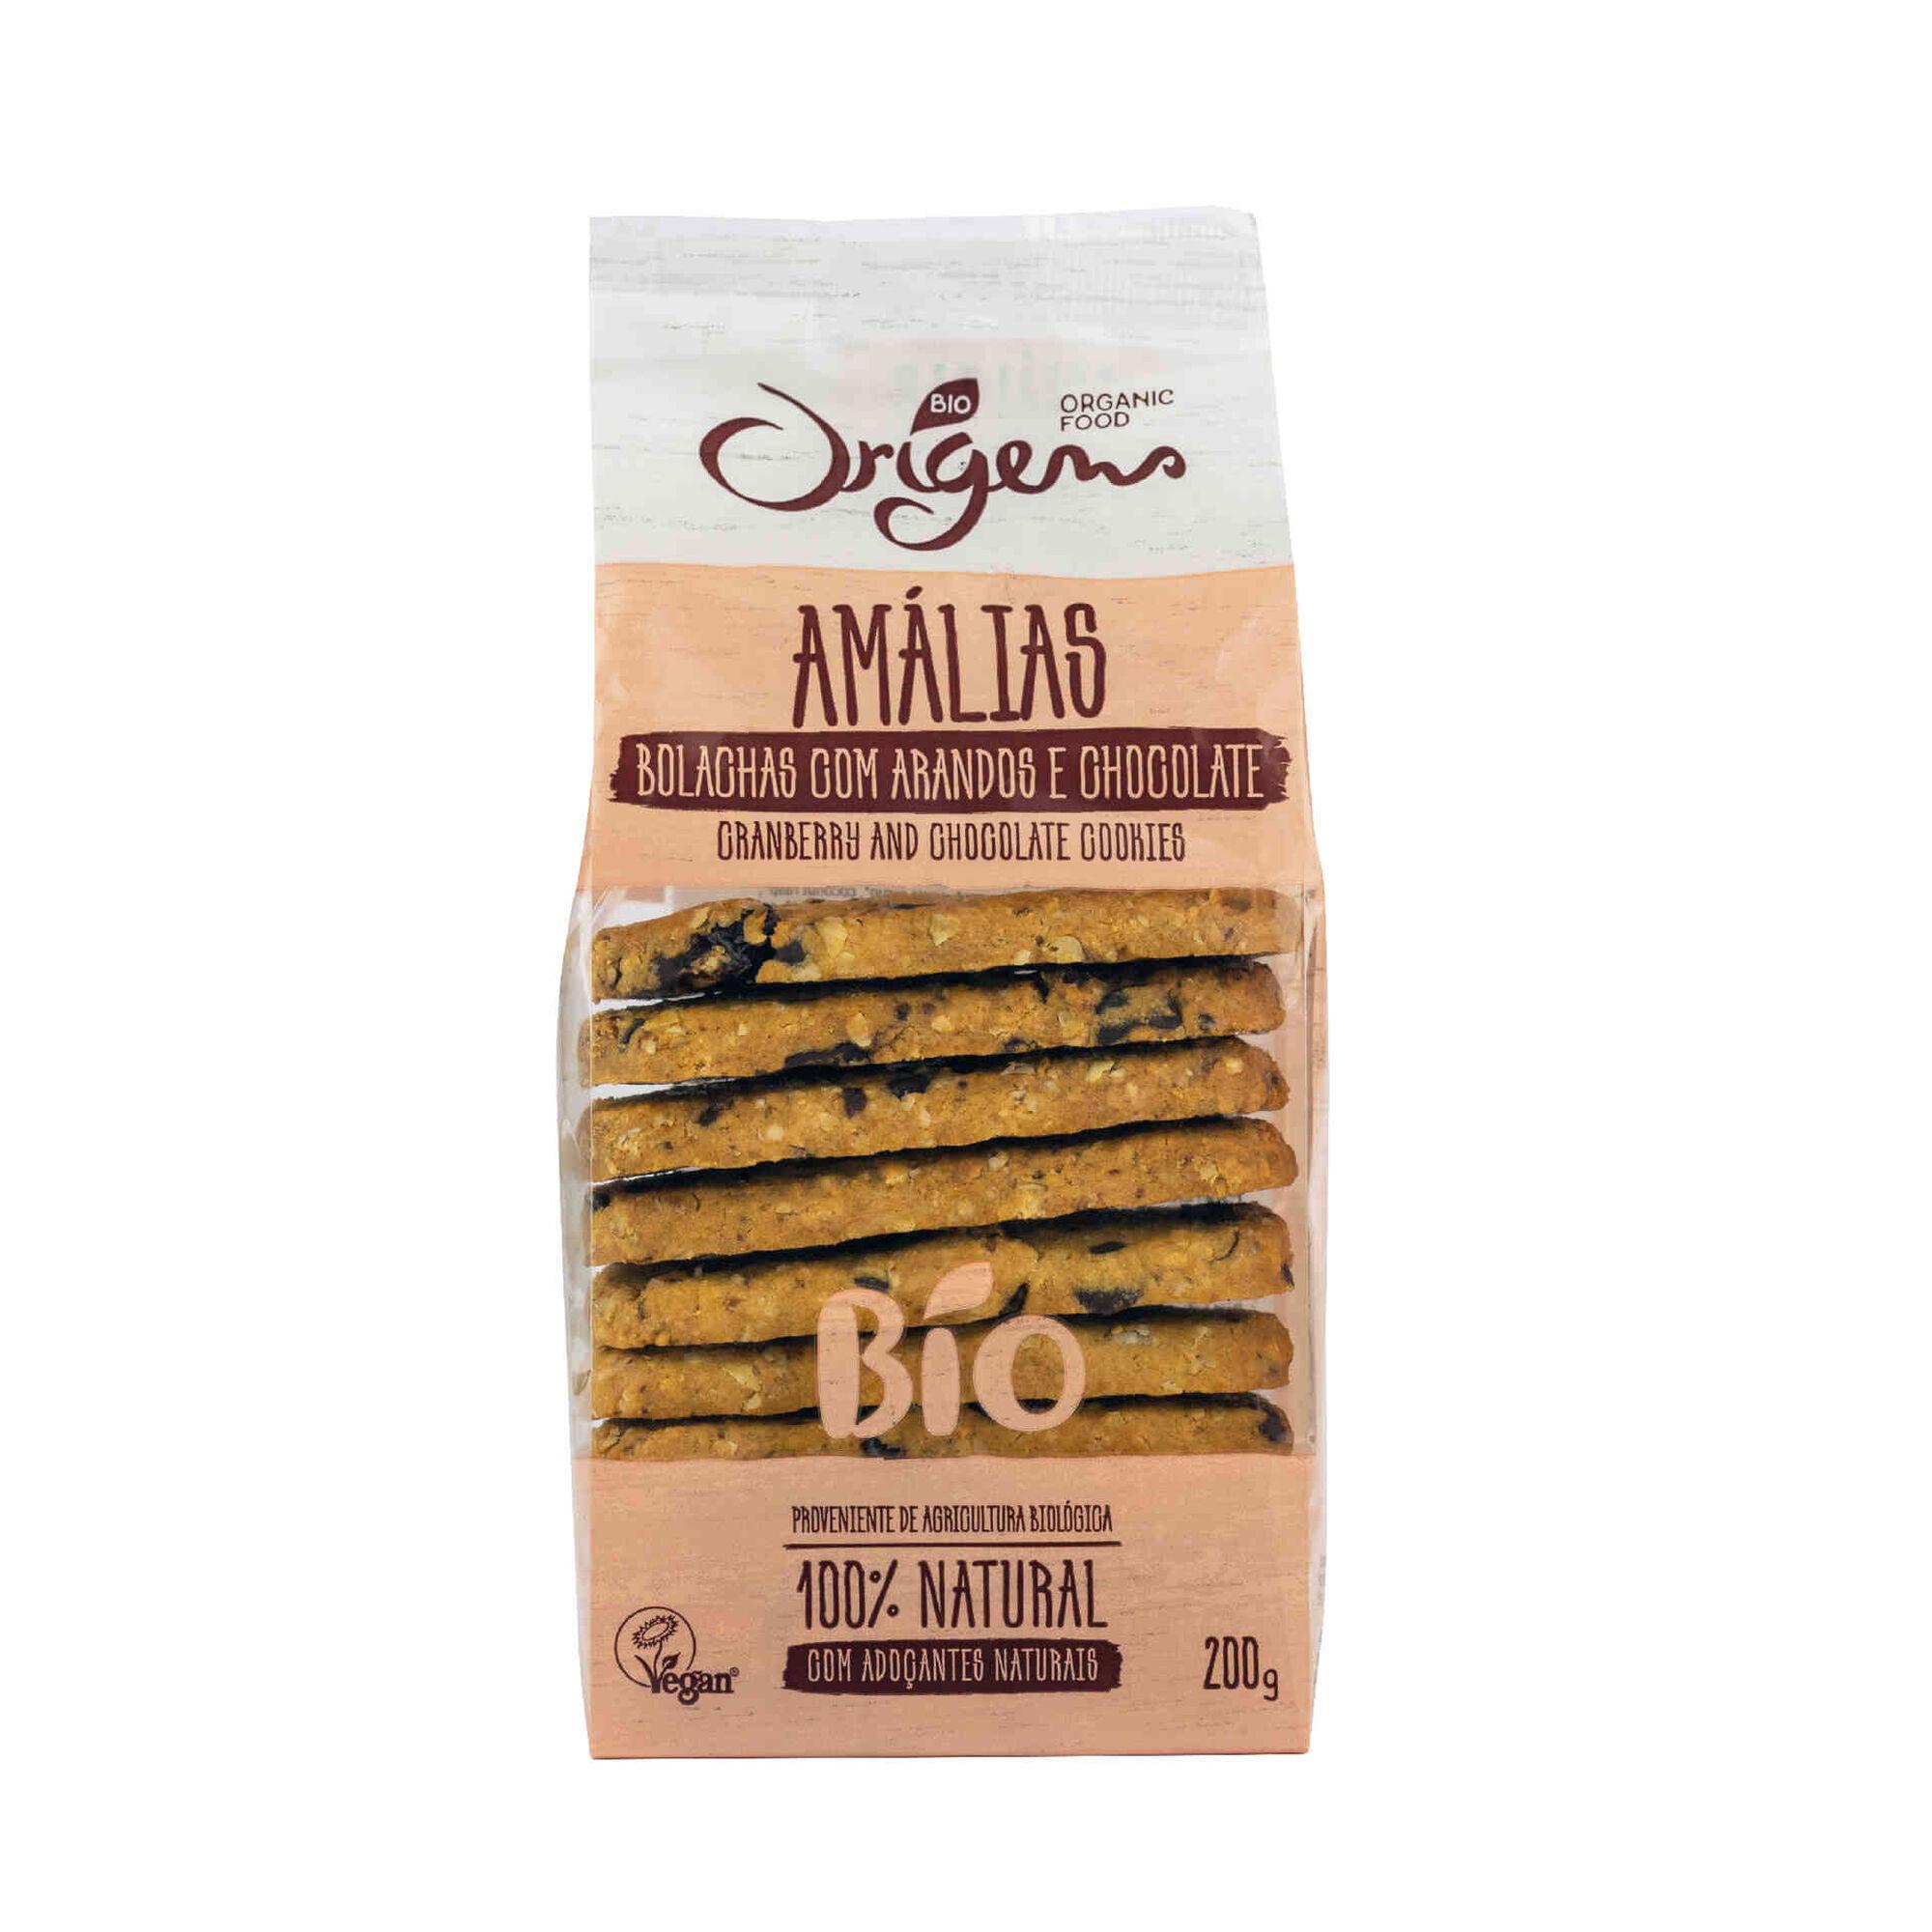 Bolachas Amálias com Arandos e Chocolates Biológicas